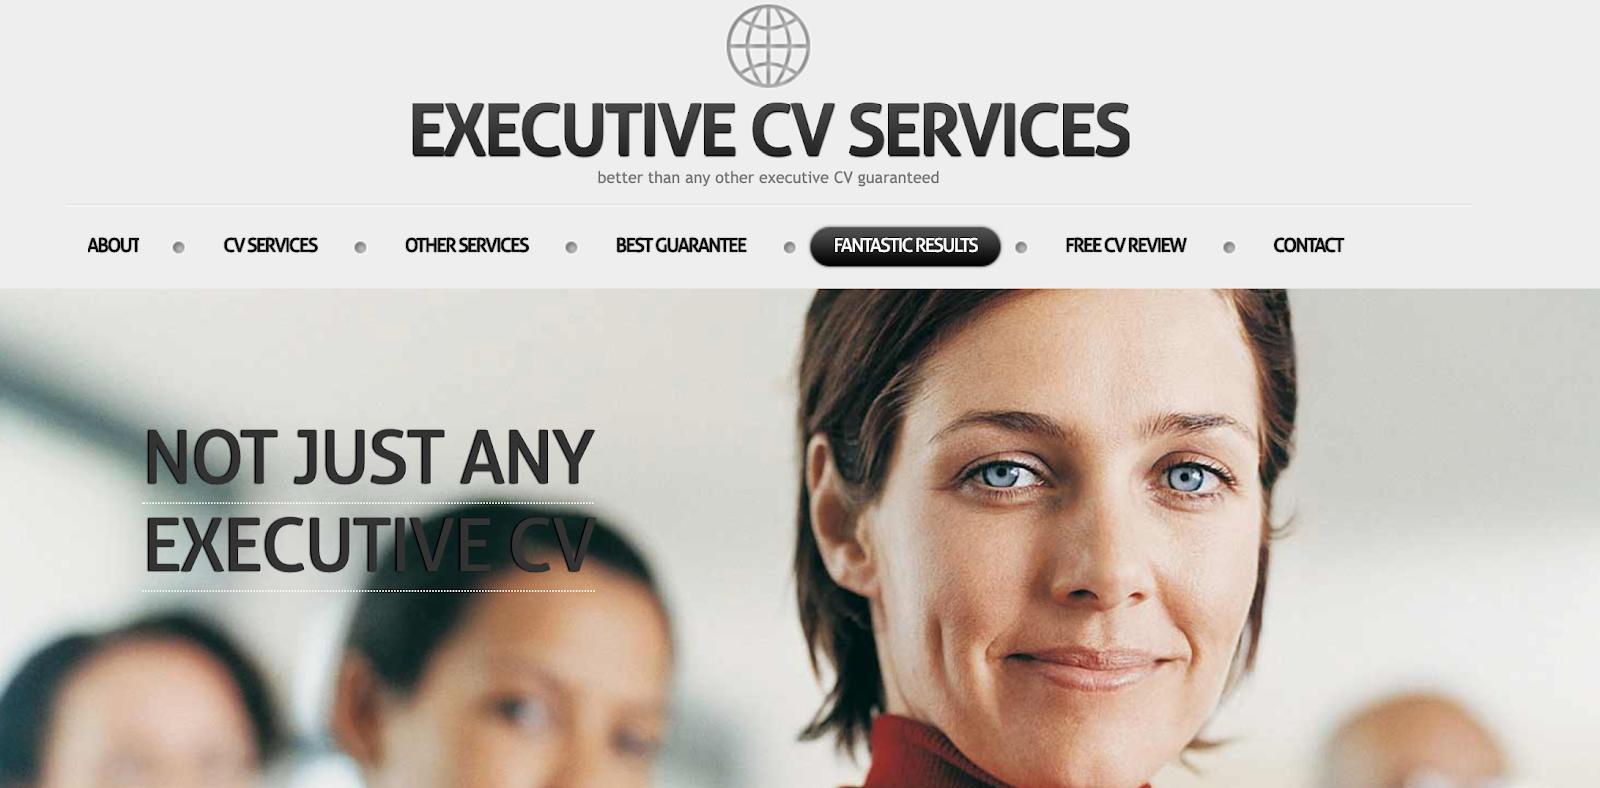 Executive CV Services - CV Writing Services UK